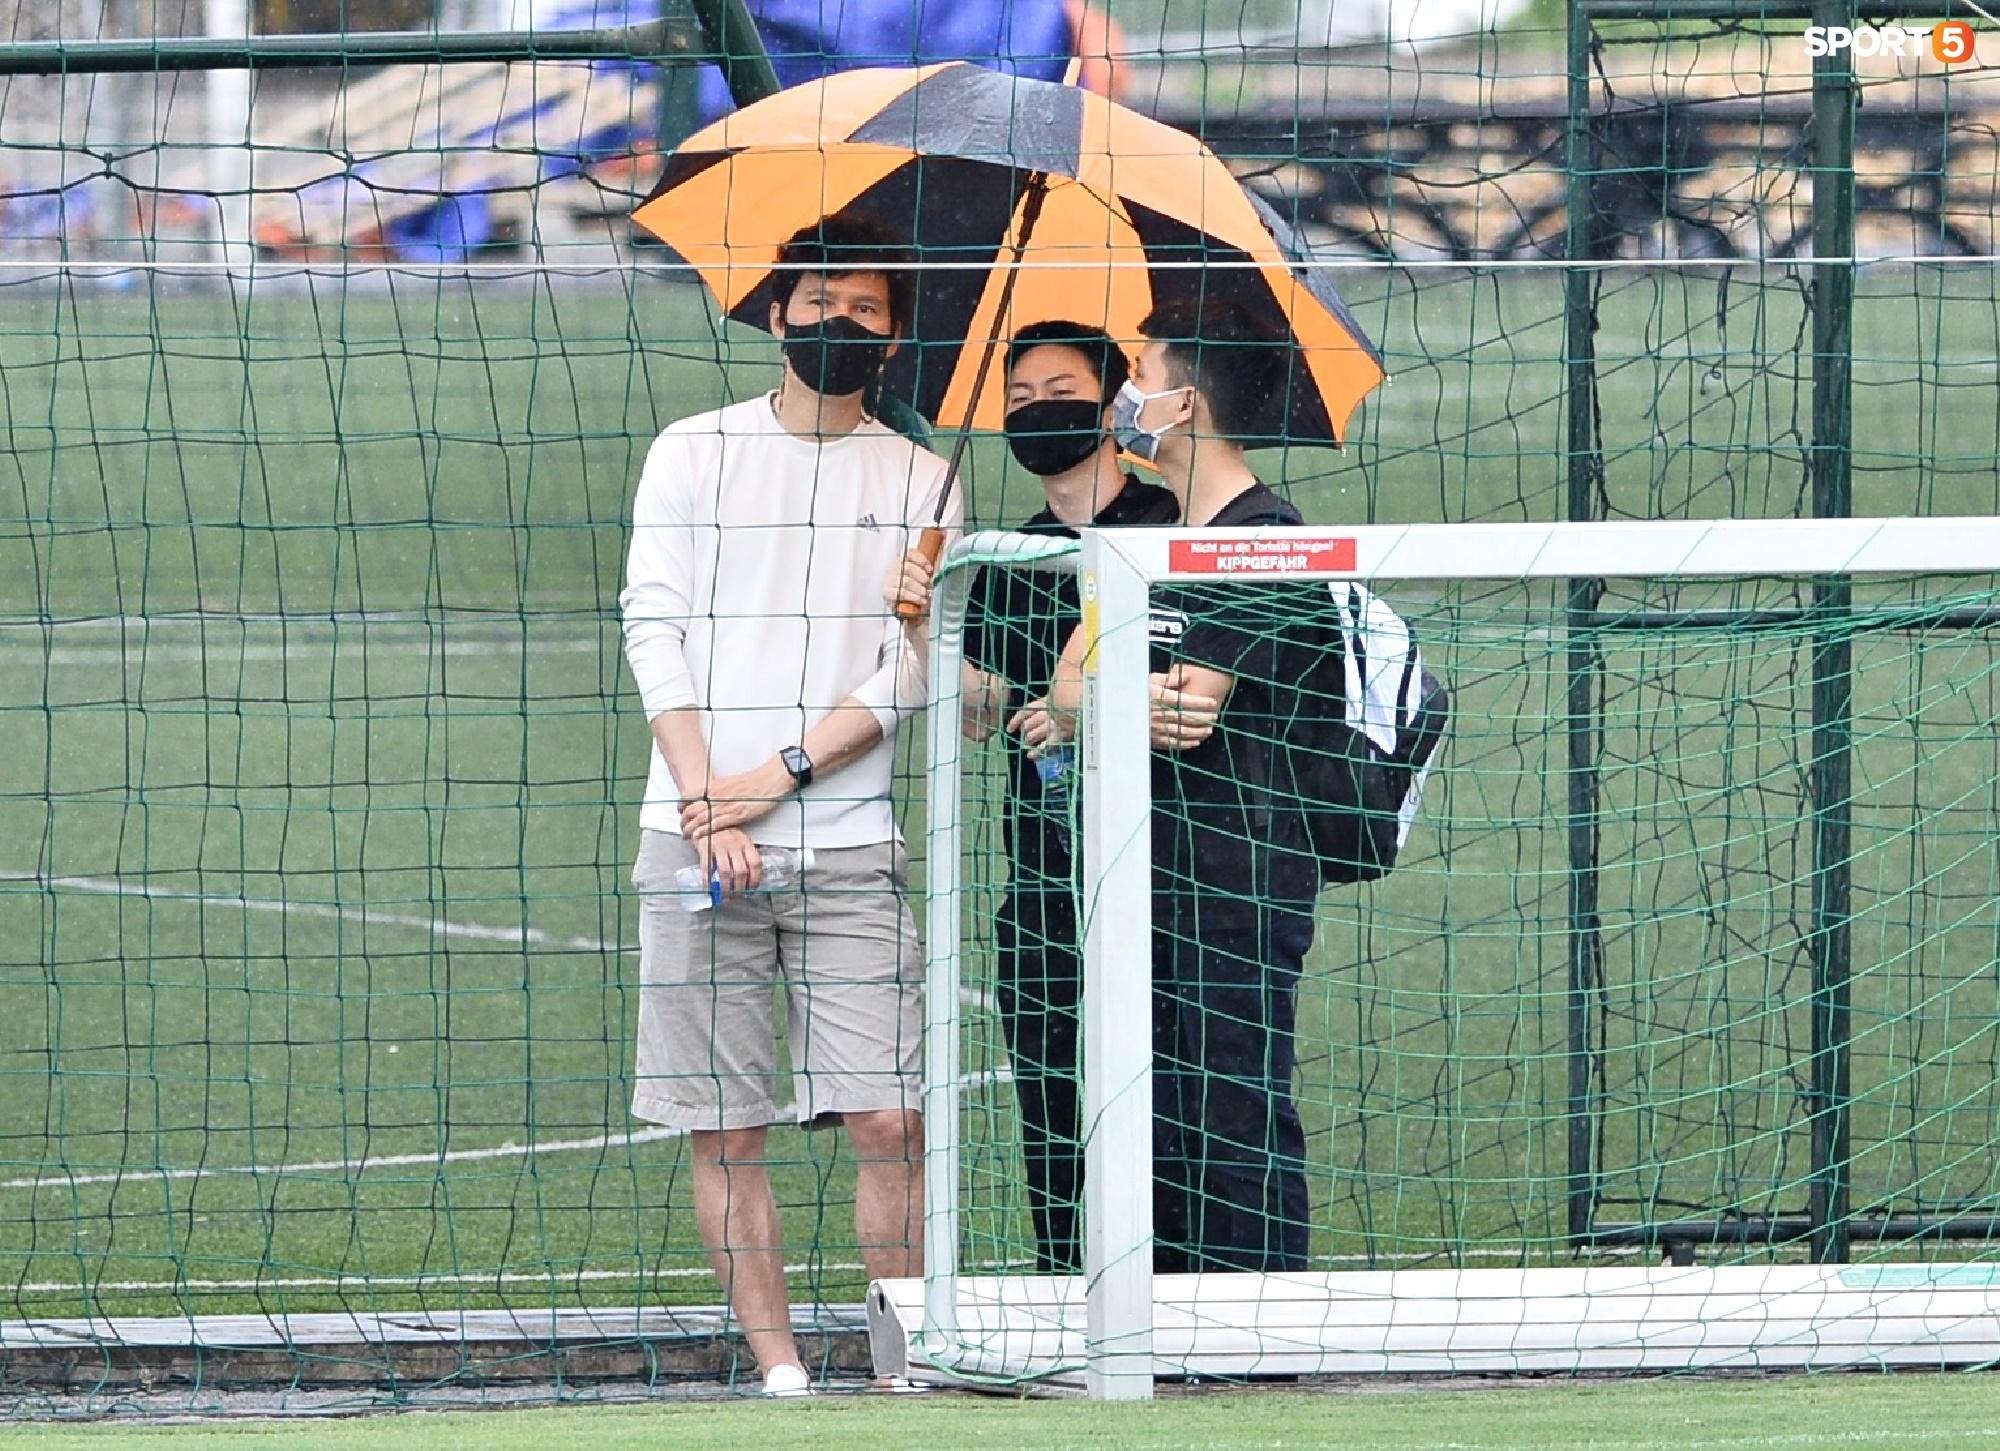 Chuyên gia 9x của CLB Hà Nội bất ngờ thị sát đội tuyển Việt Nam tập luyện - Ảnh 4.